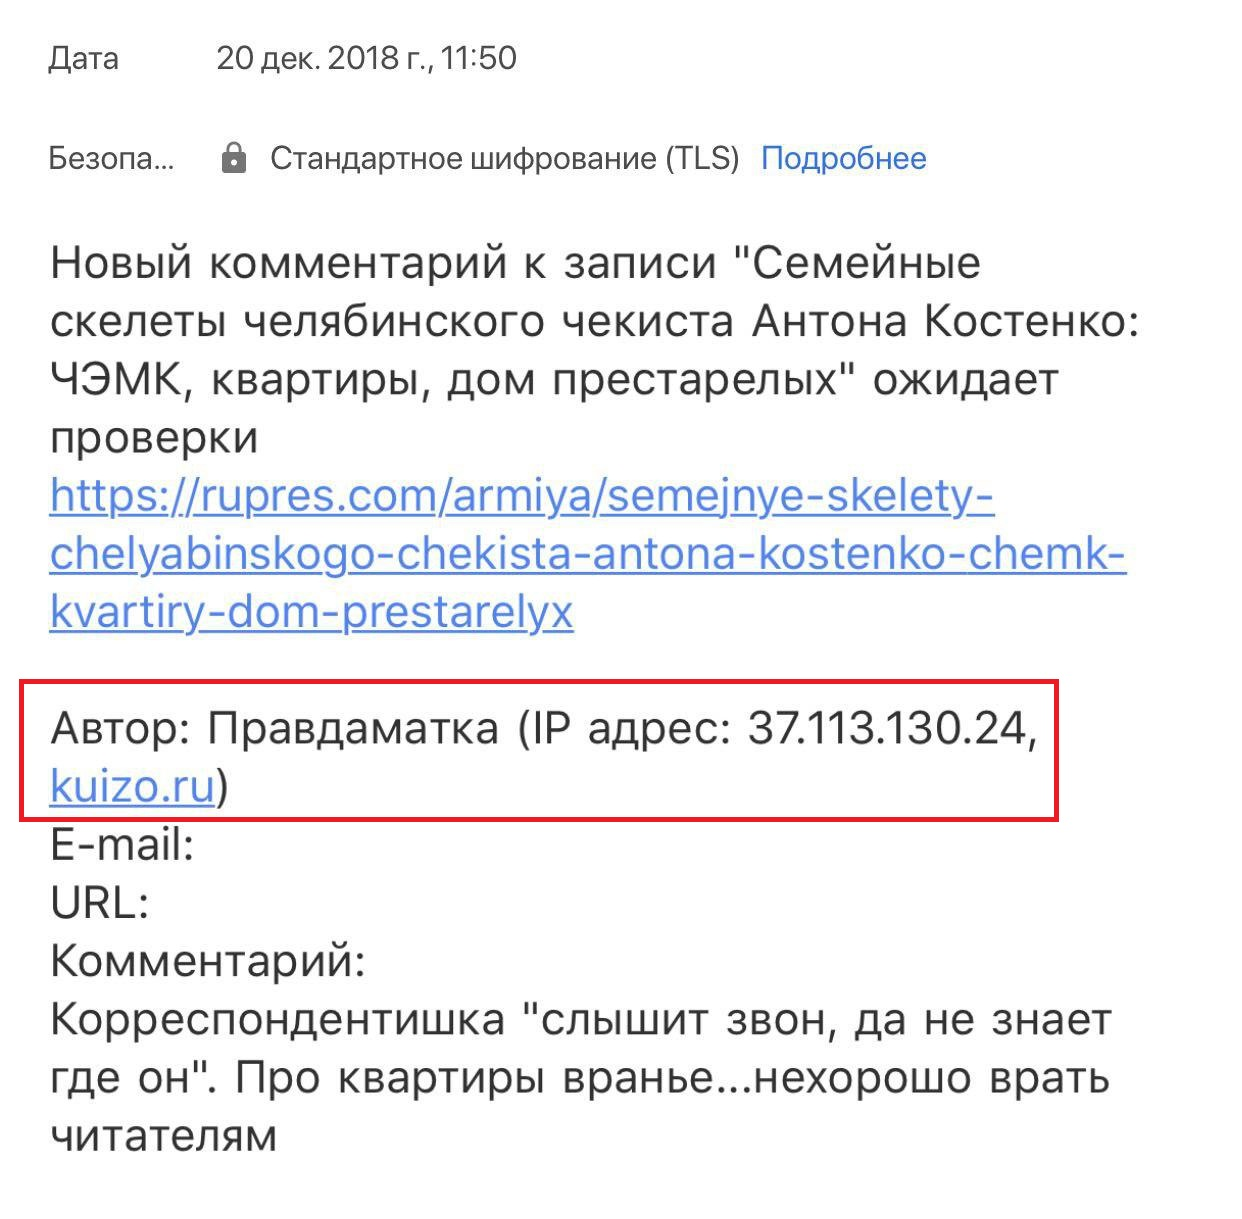 Челябинские чиновники превратились в «троллей». Правдаматки из КУИЗО в рабочее время атакуют «Русскую Прессу»!